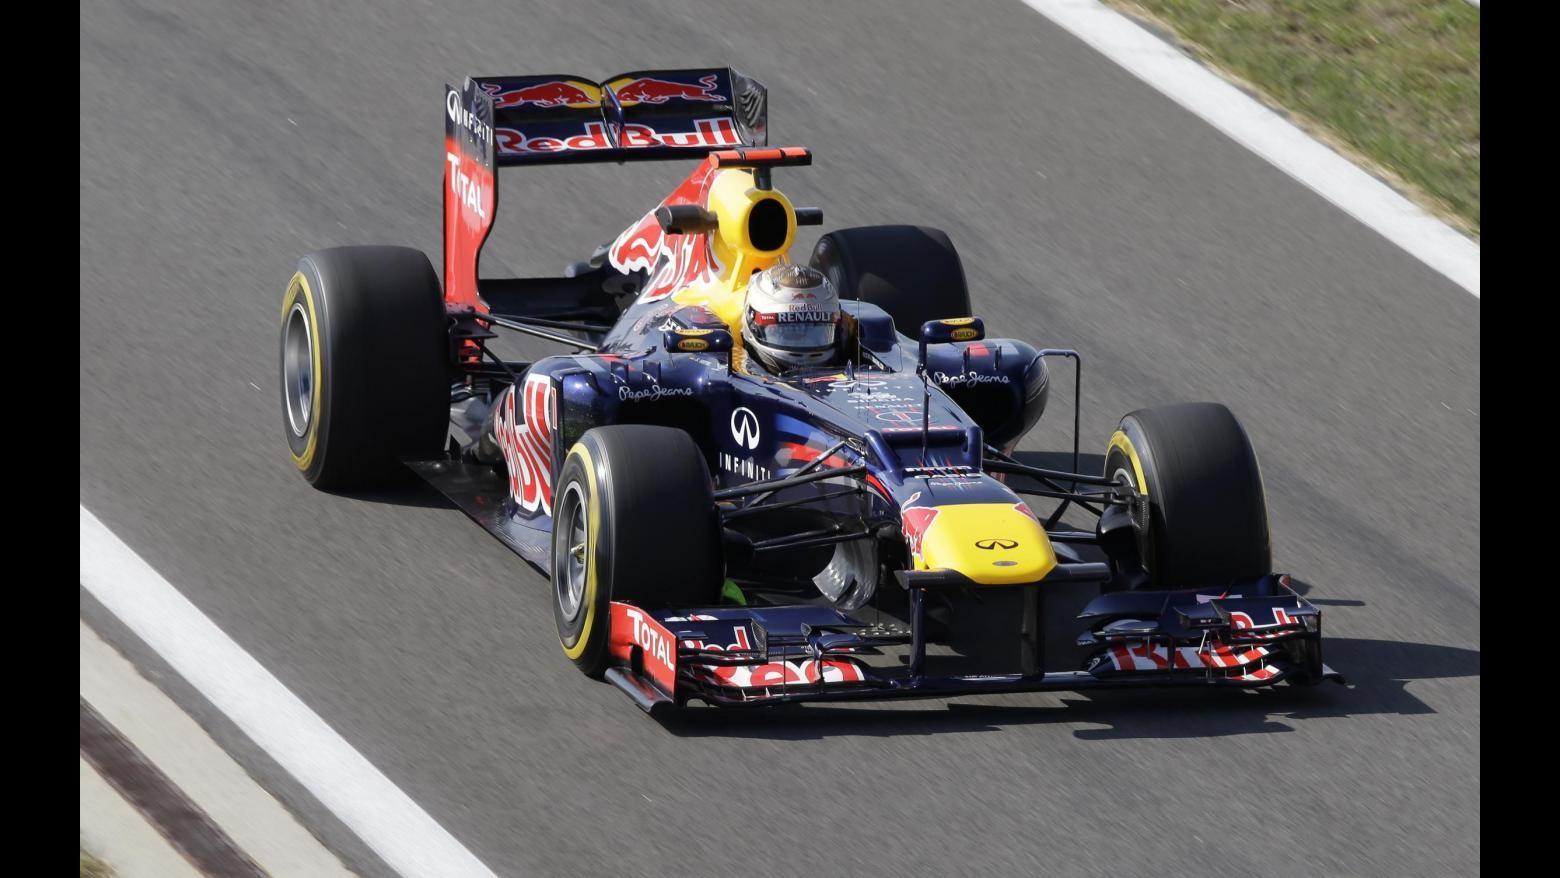 F1, Gp Corea: Webber in pole su Vettel. Quarto posto per Alonso